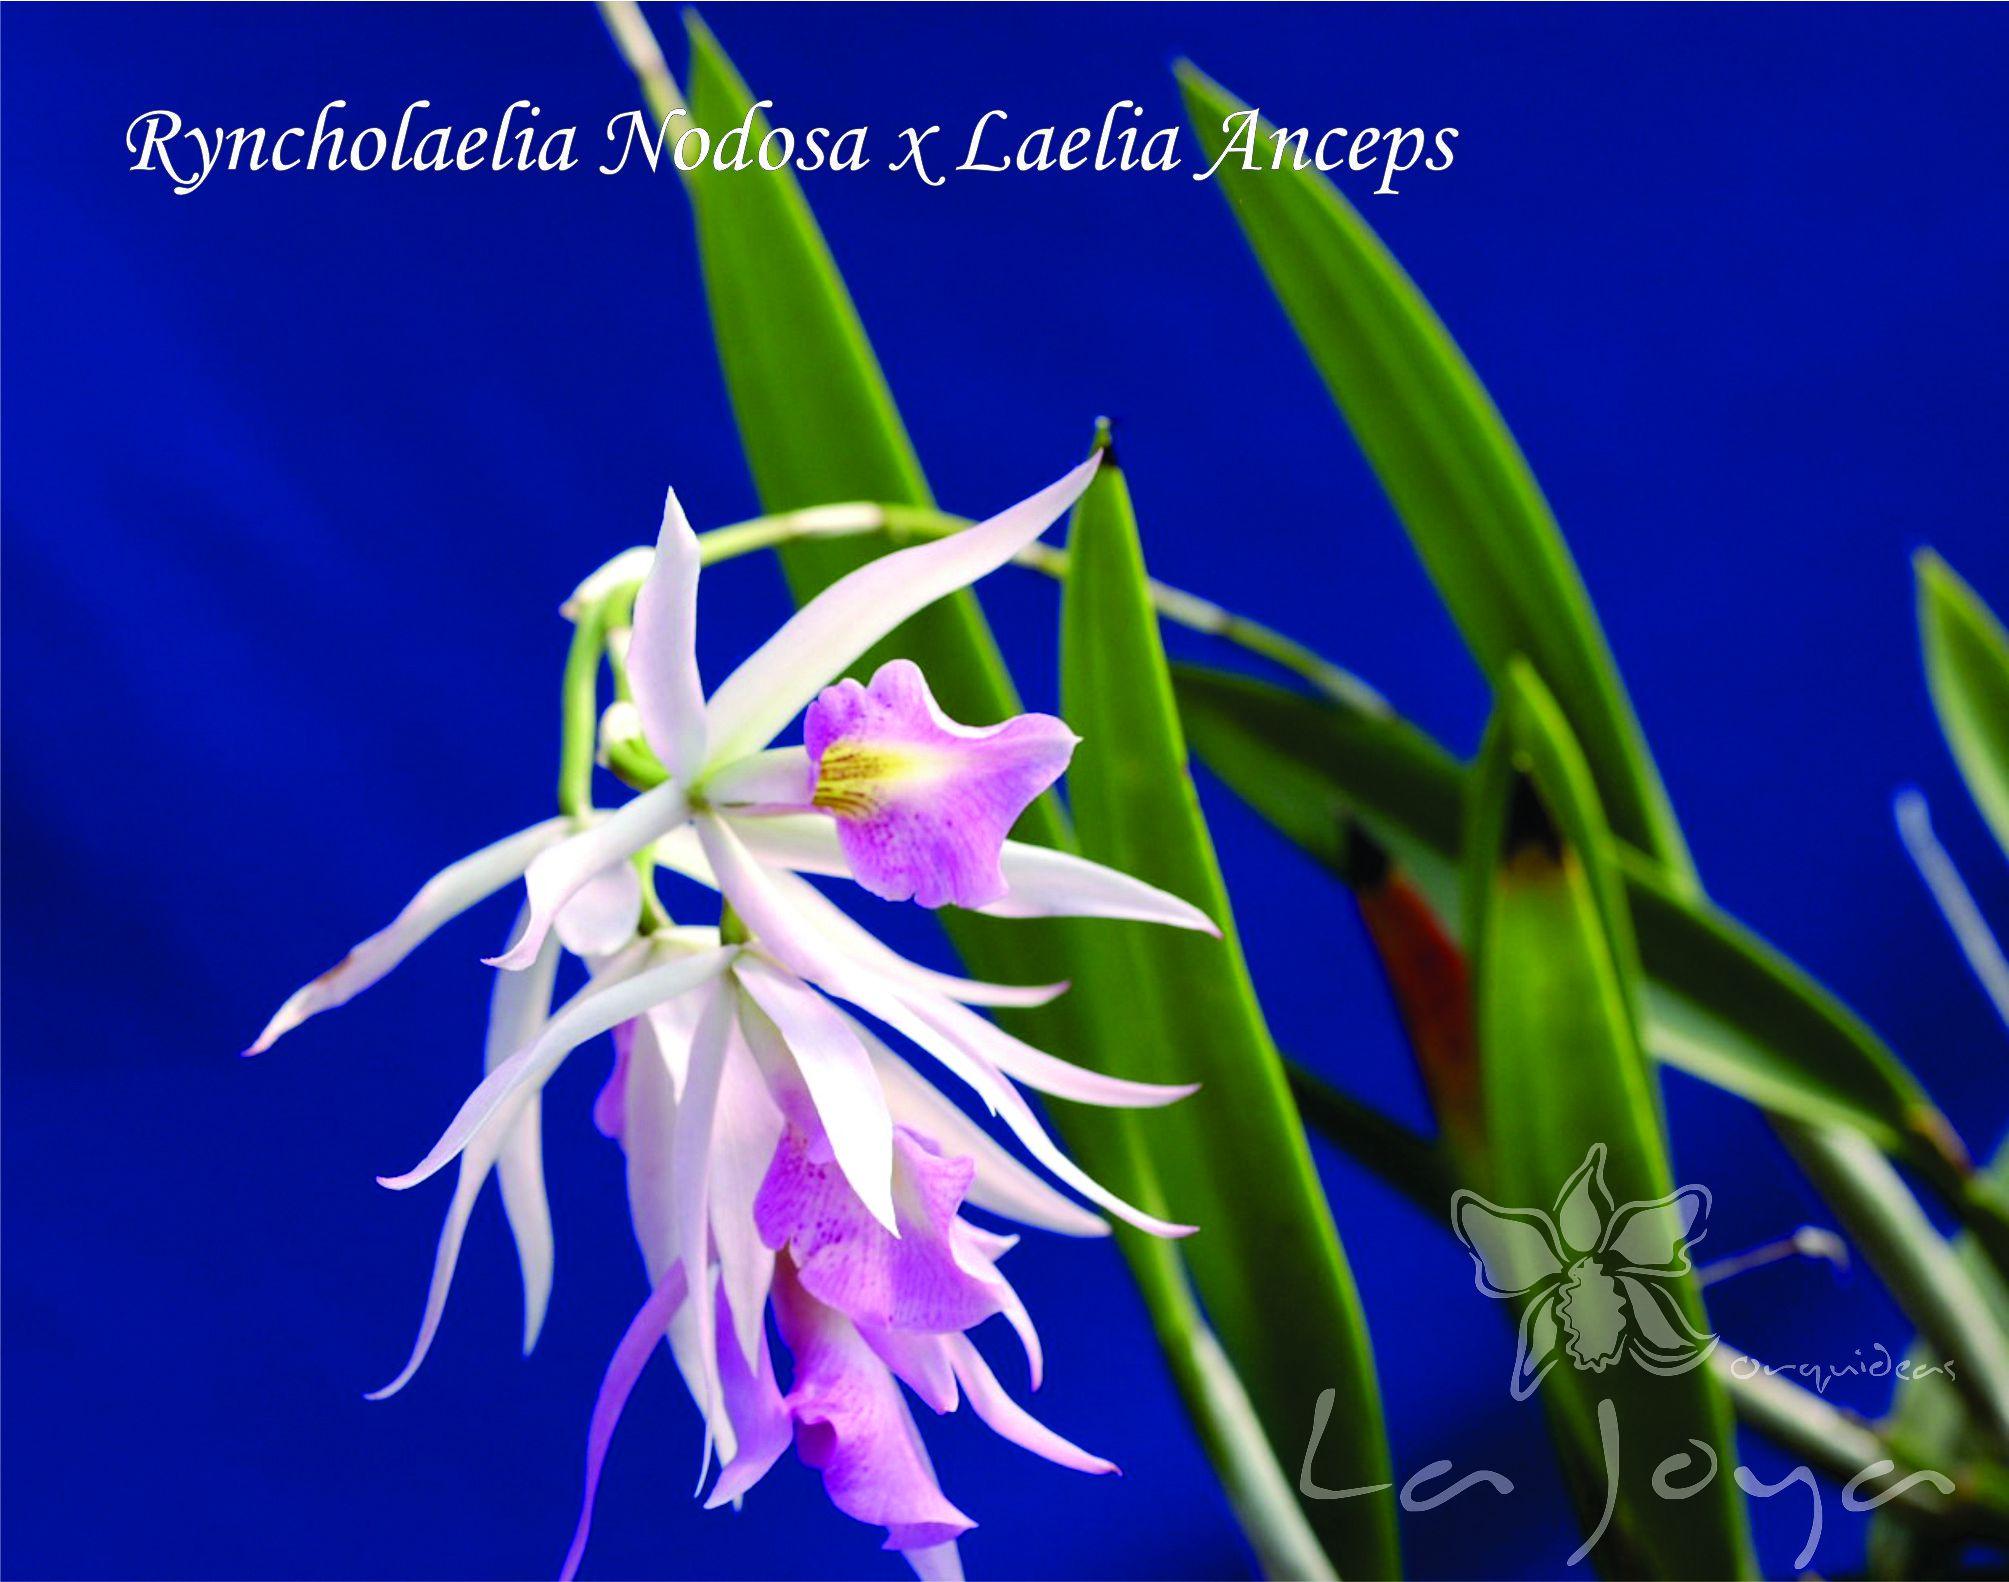 Ryncholaelia Nodosa x Laelia Anceps